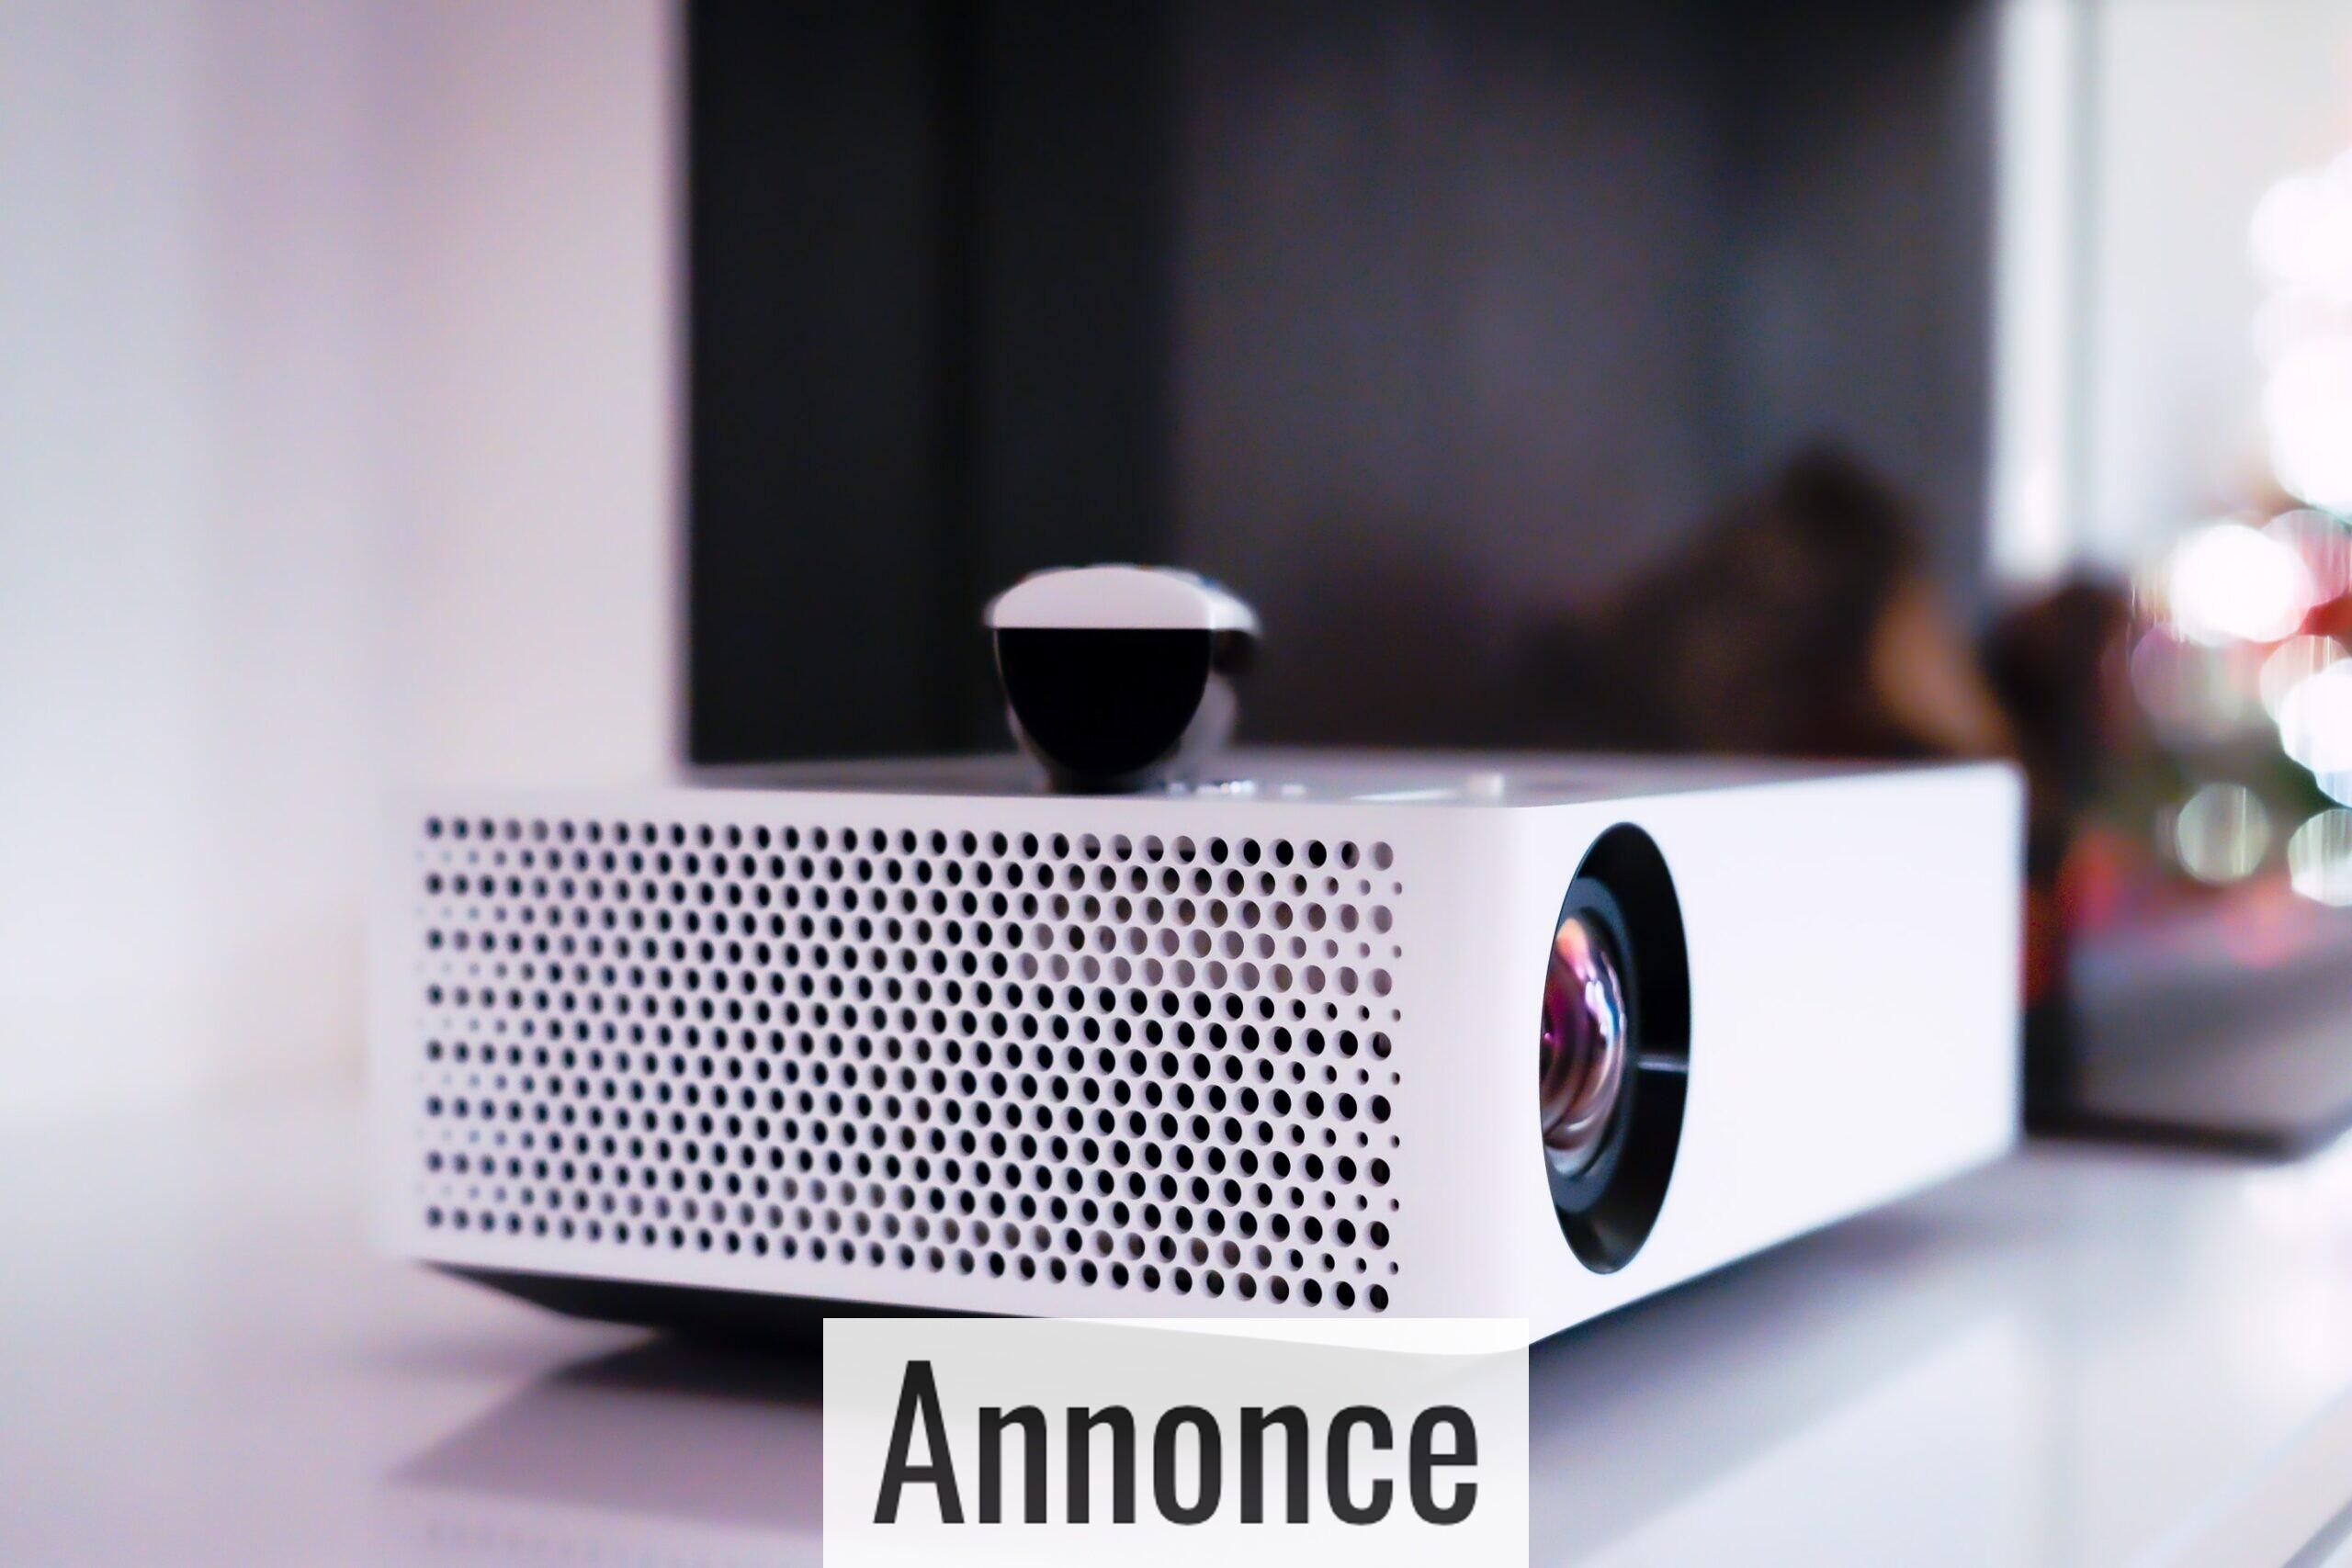 Lærred til projektor – få en god visuel oplevelse